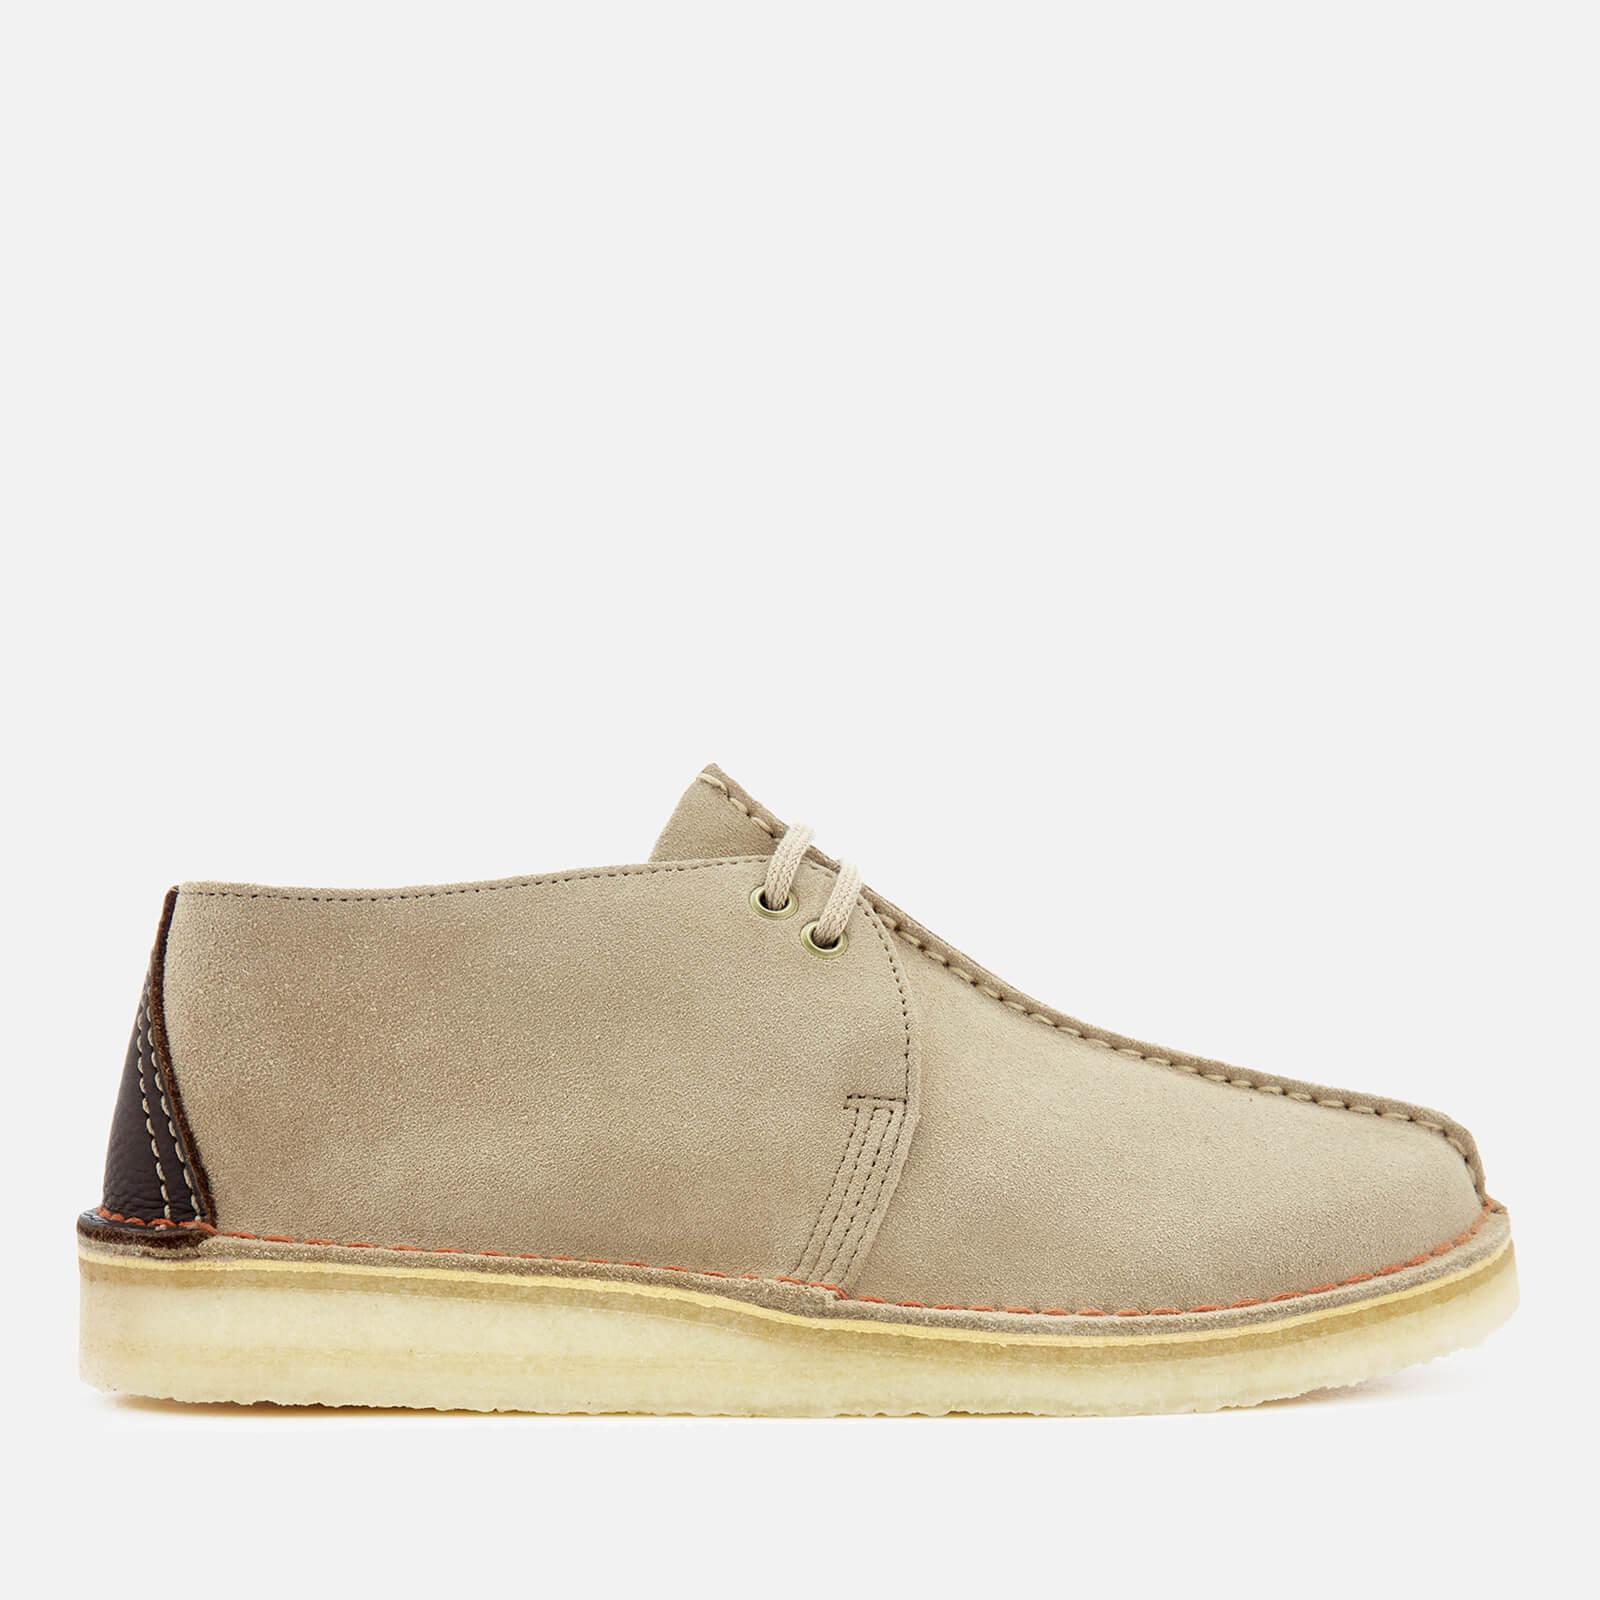 Clarks Originals Men's Desert Trek Suede Shoes - Sand - UK 9